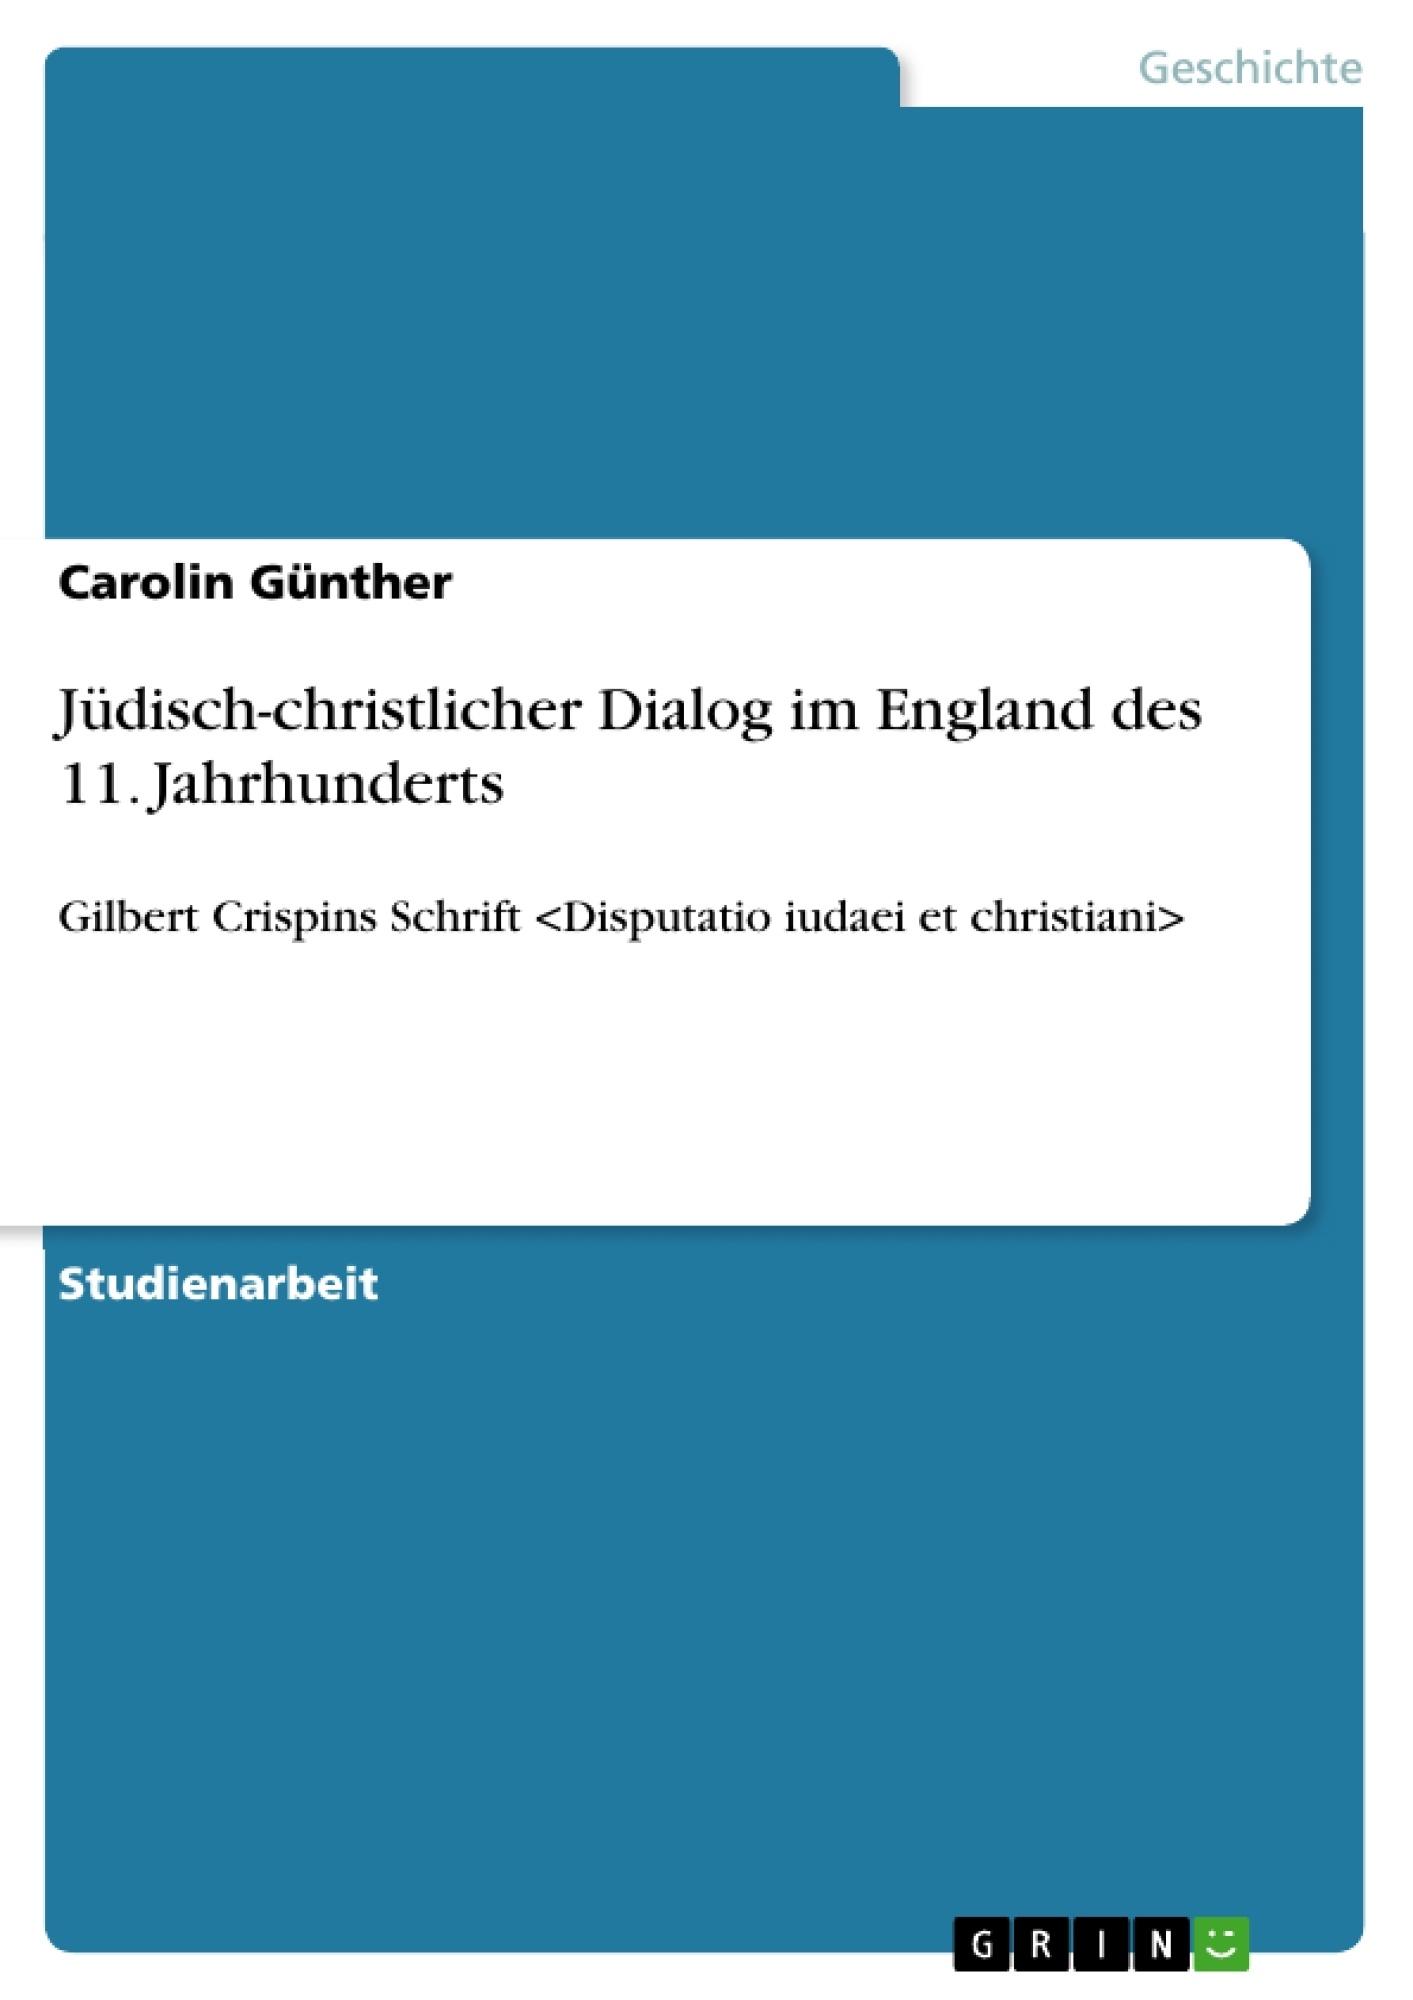 Titel: Jüdisch-christlicher Dialog im England des 11. Jahrhunderts